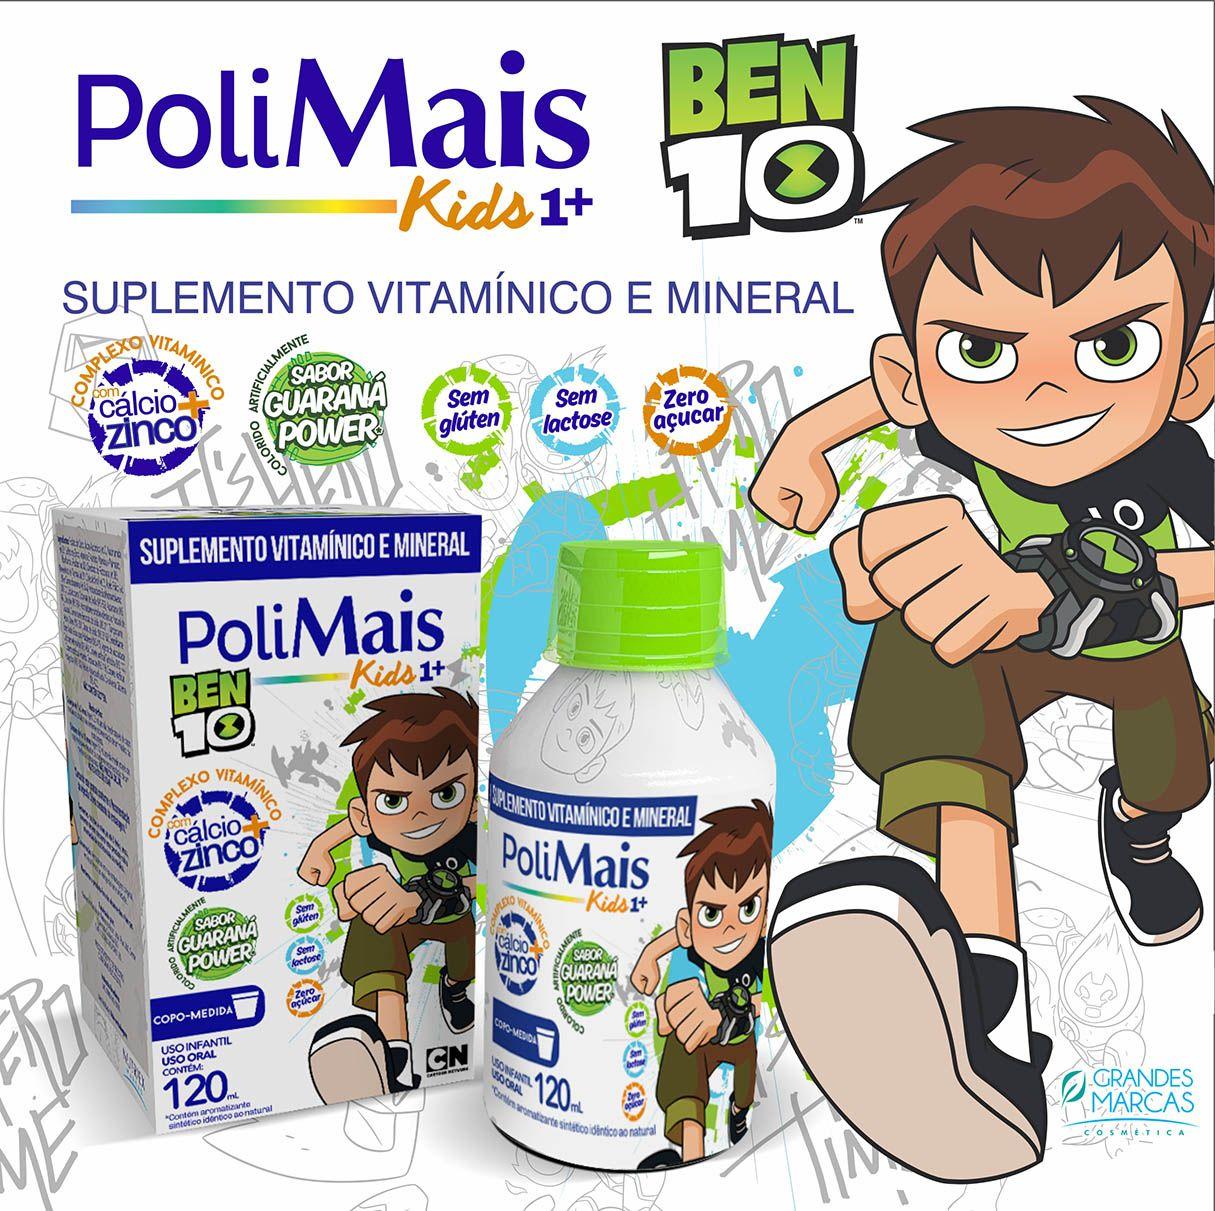 Ben 10 toys images  Novo Suplemento Vitamínico e Mineral Ben com Guaraná Power